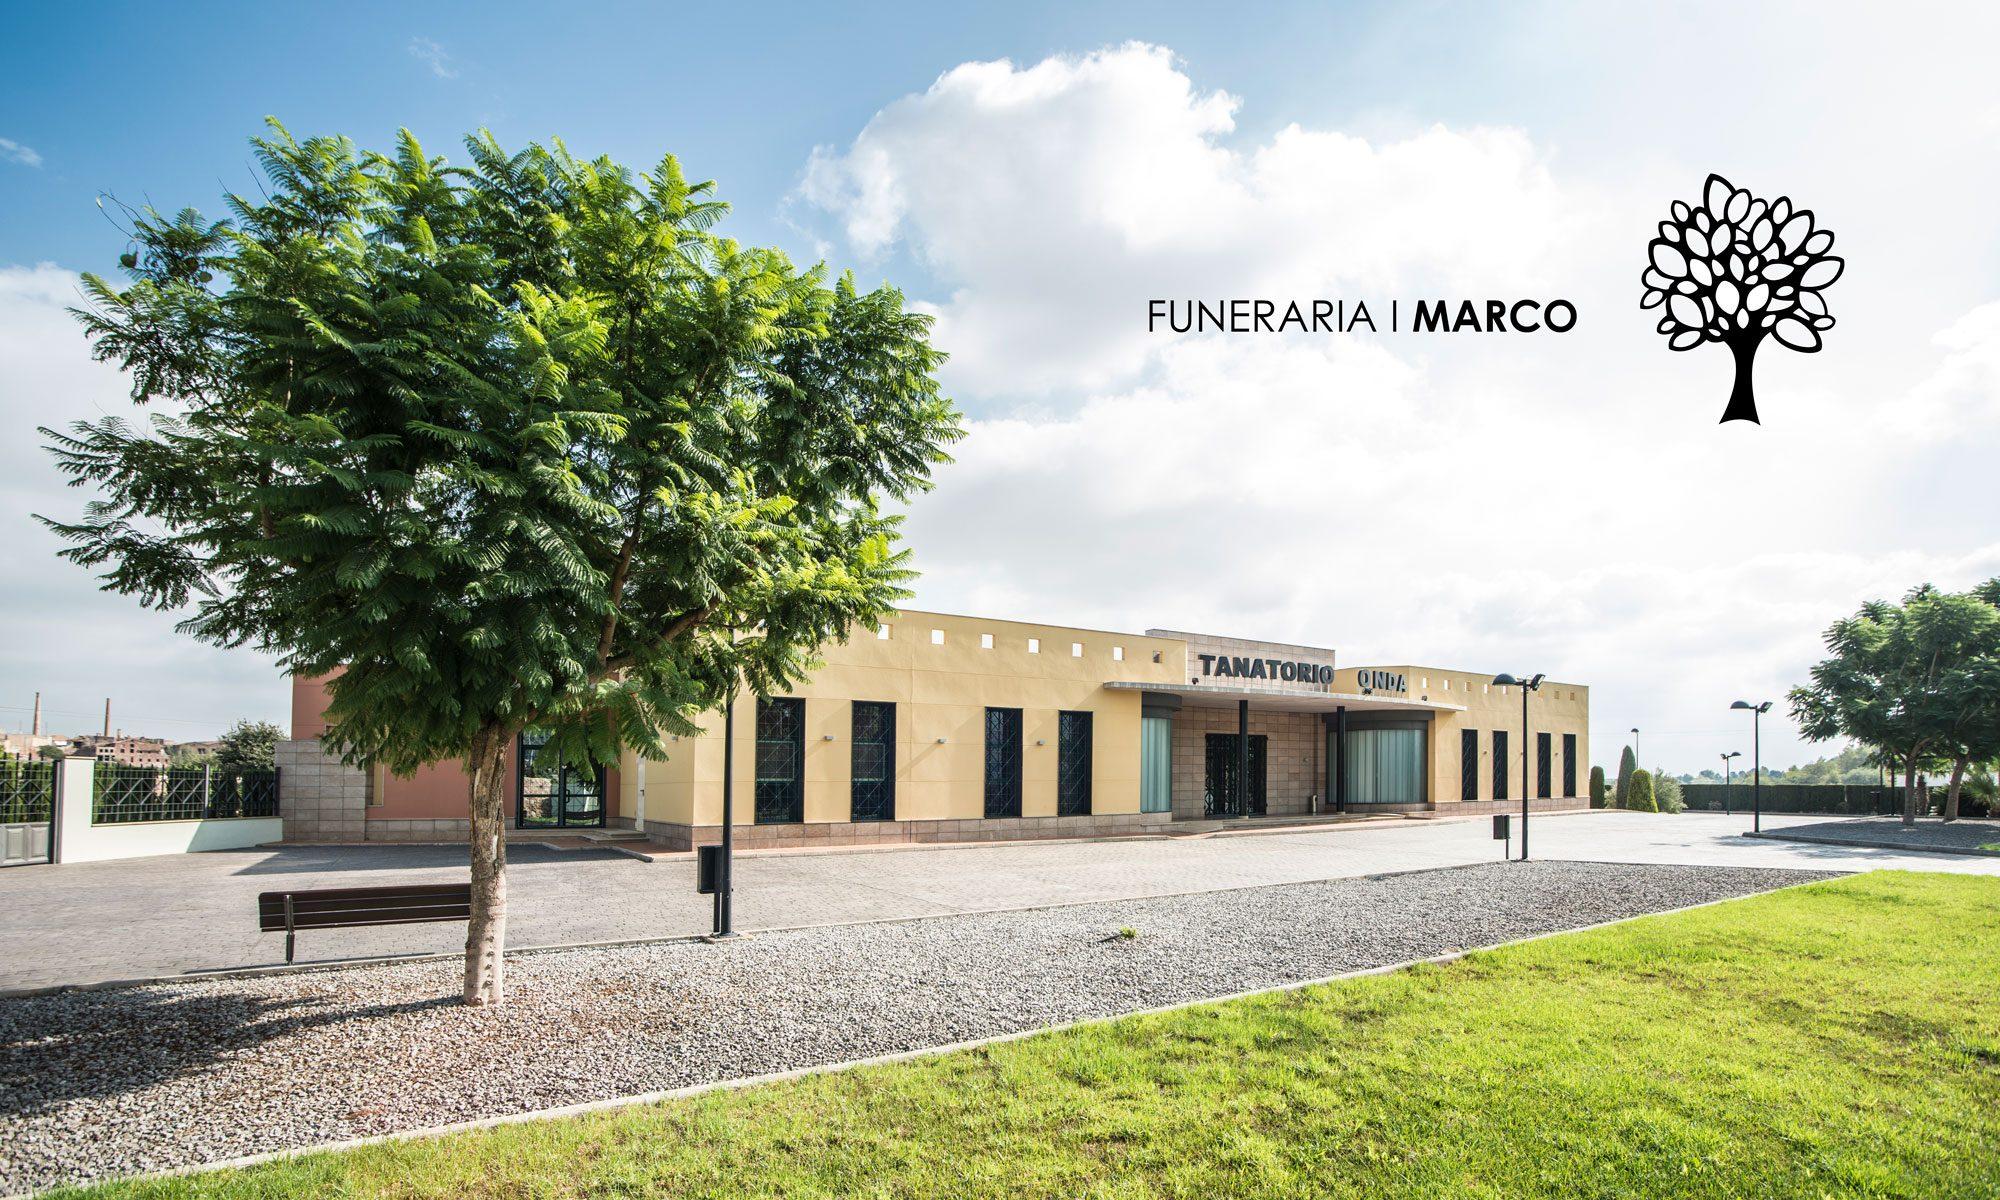 Funeraria marco